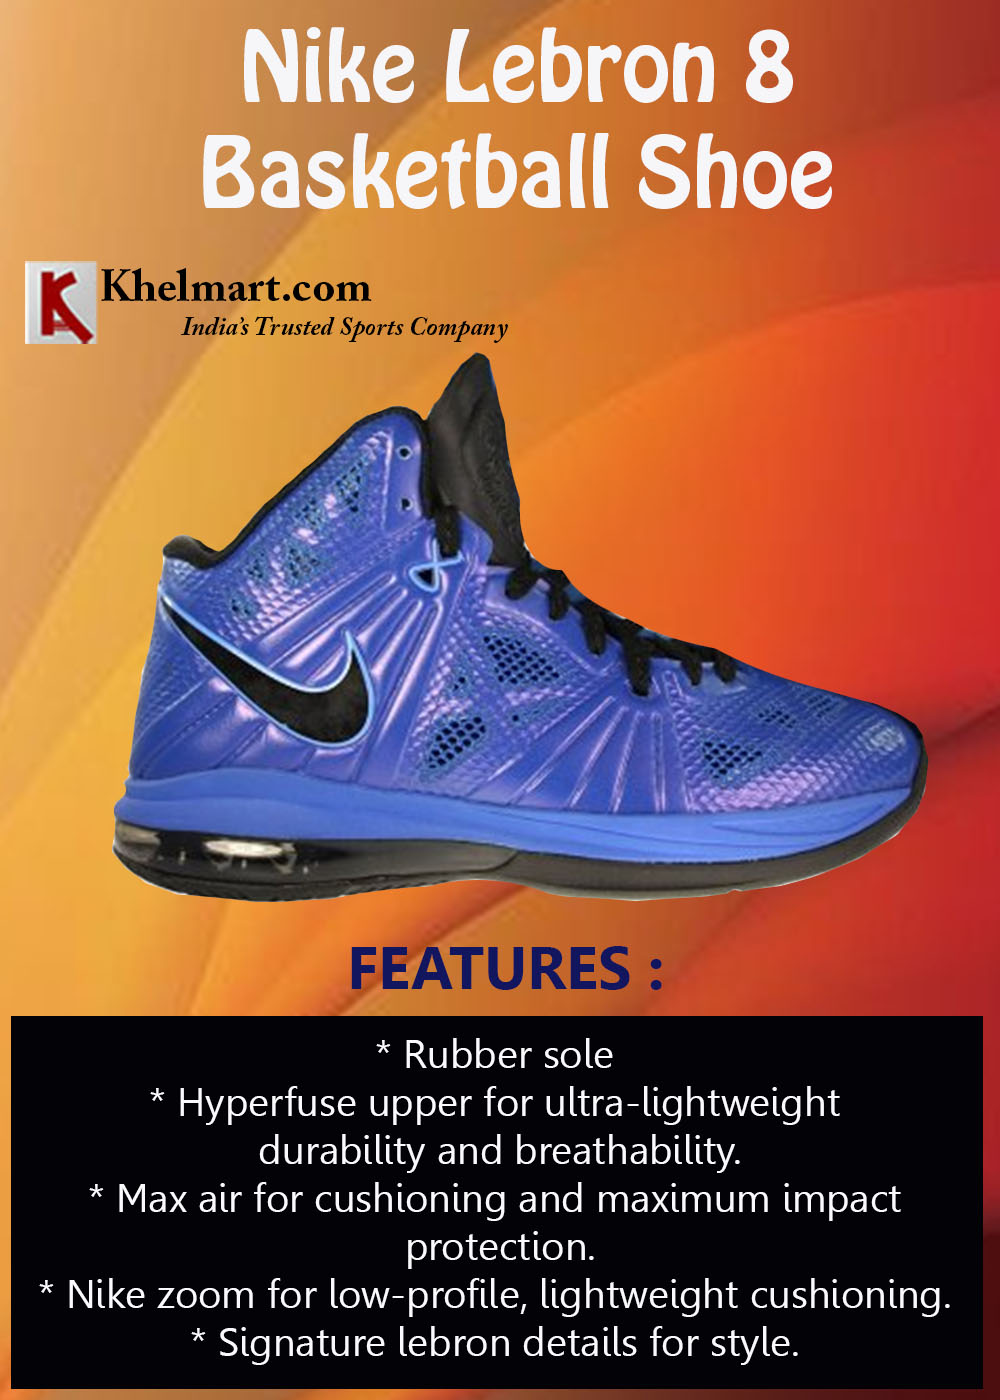 Nike Lebron 8 BasketBall Shoes